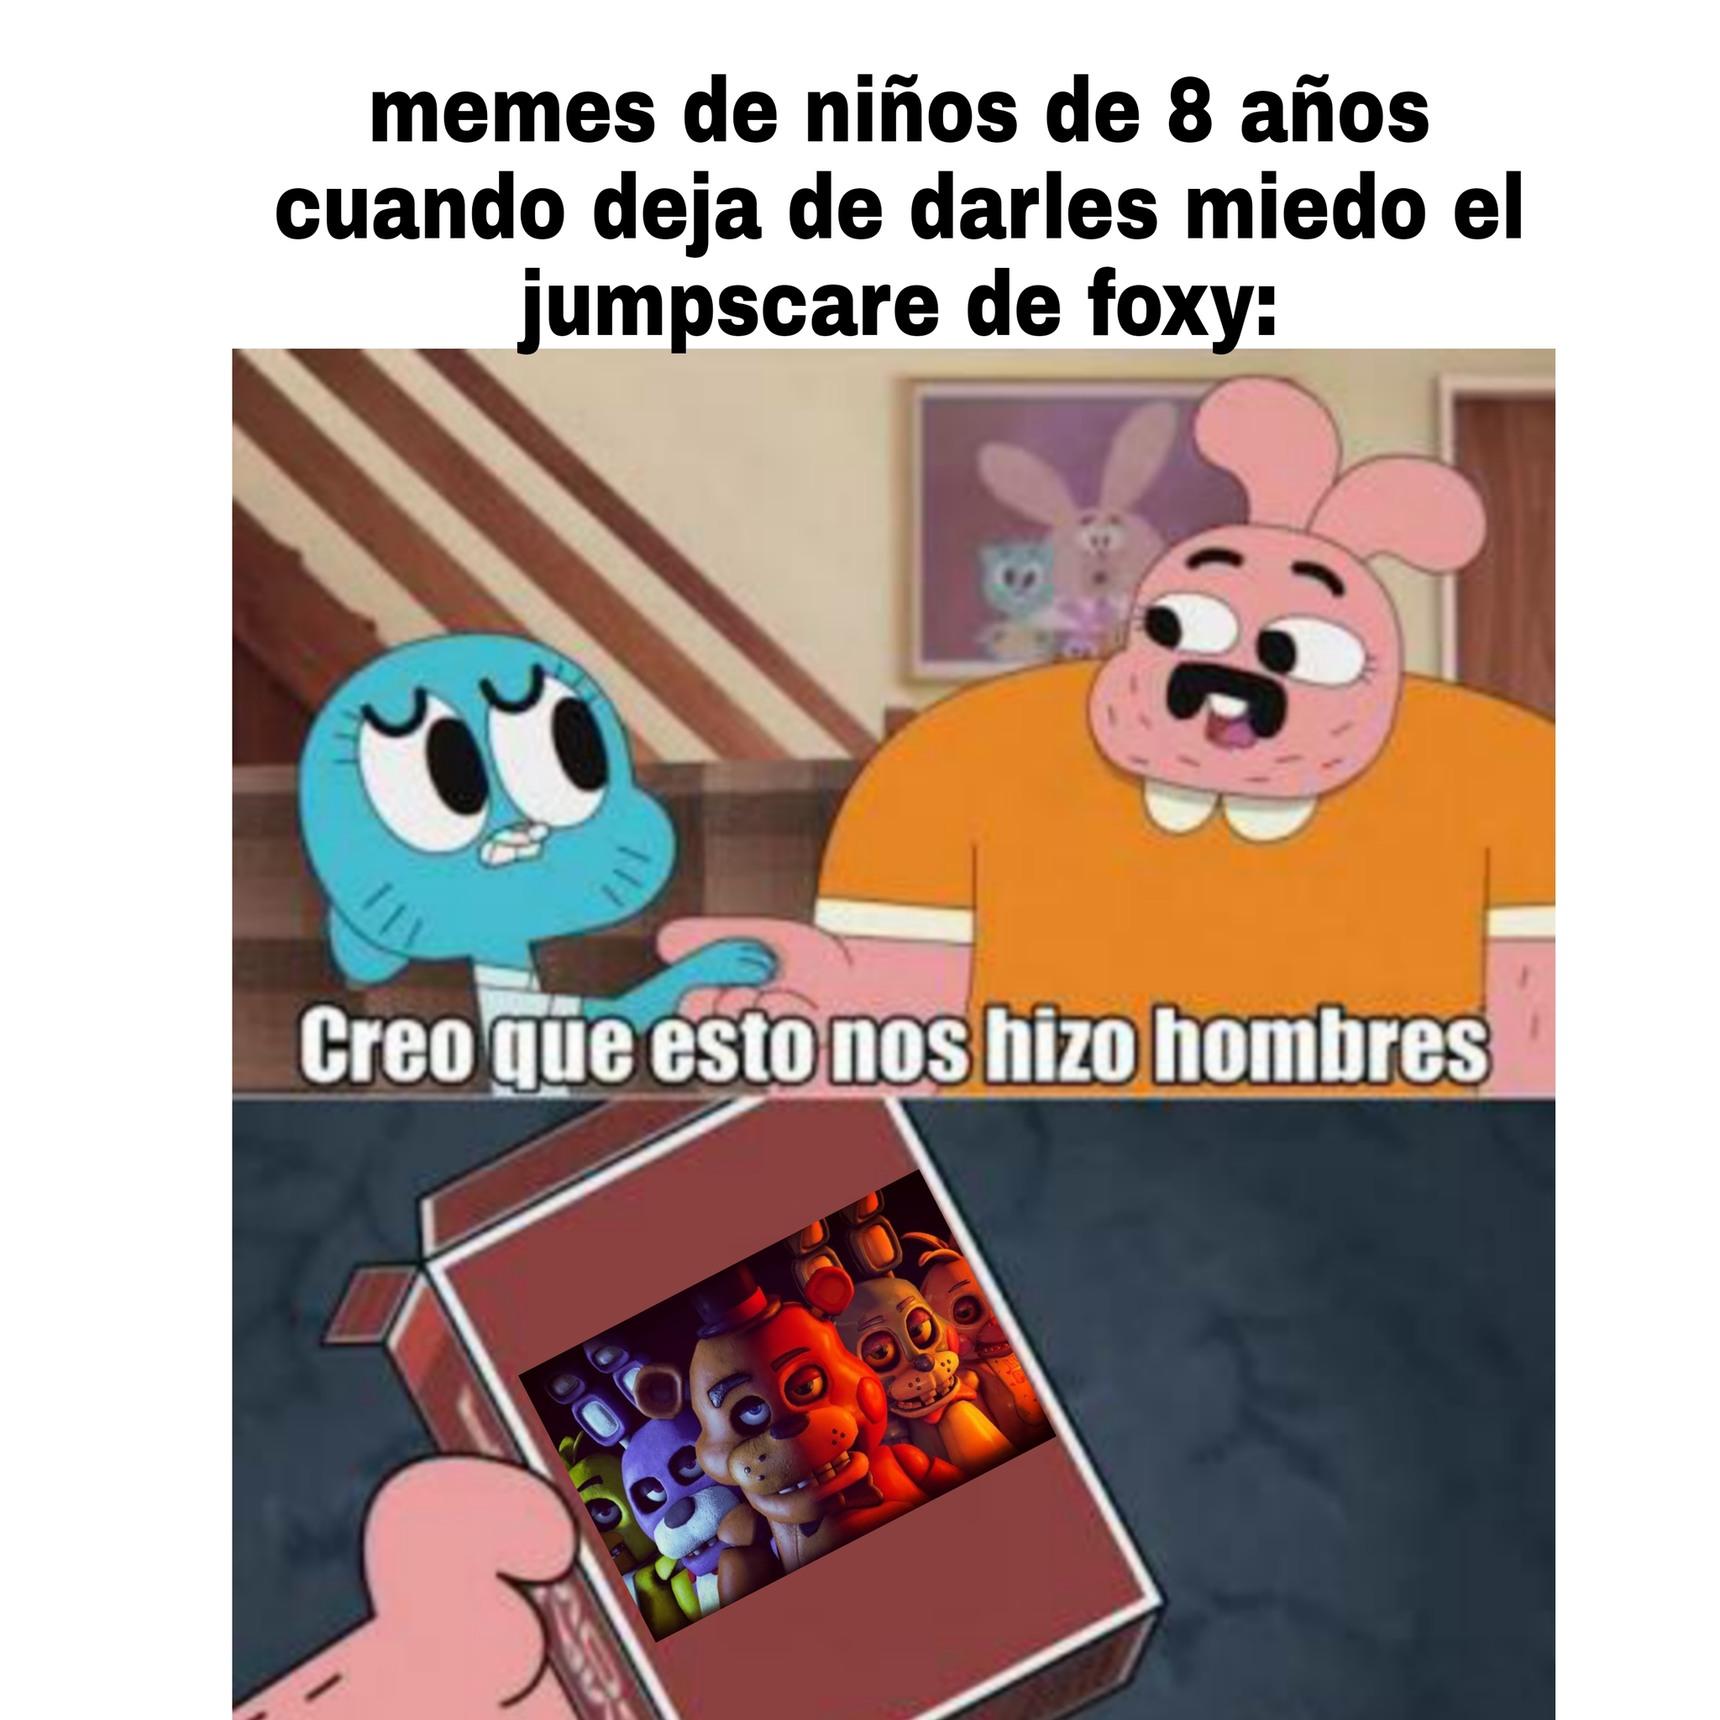 Puse el de foxy porque es el más simple - meme